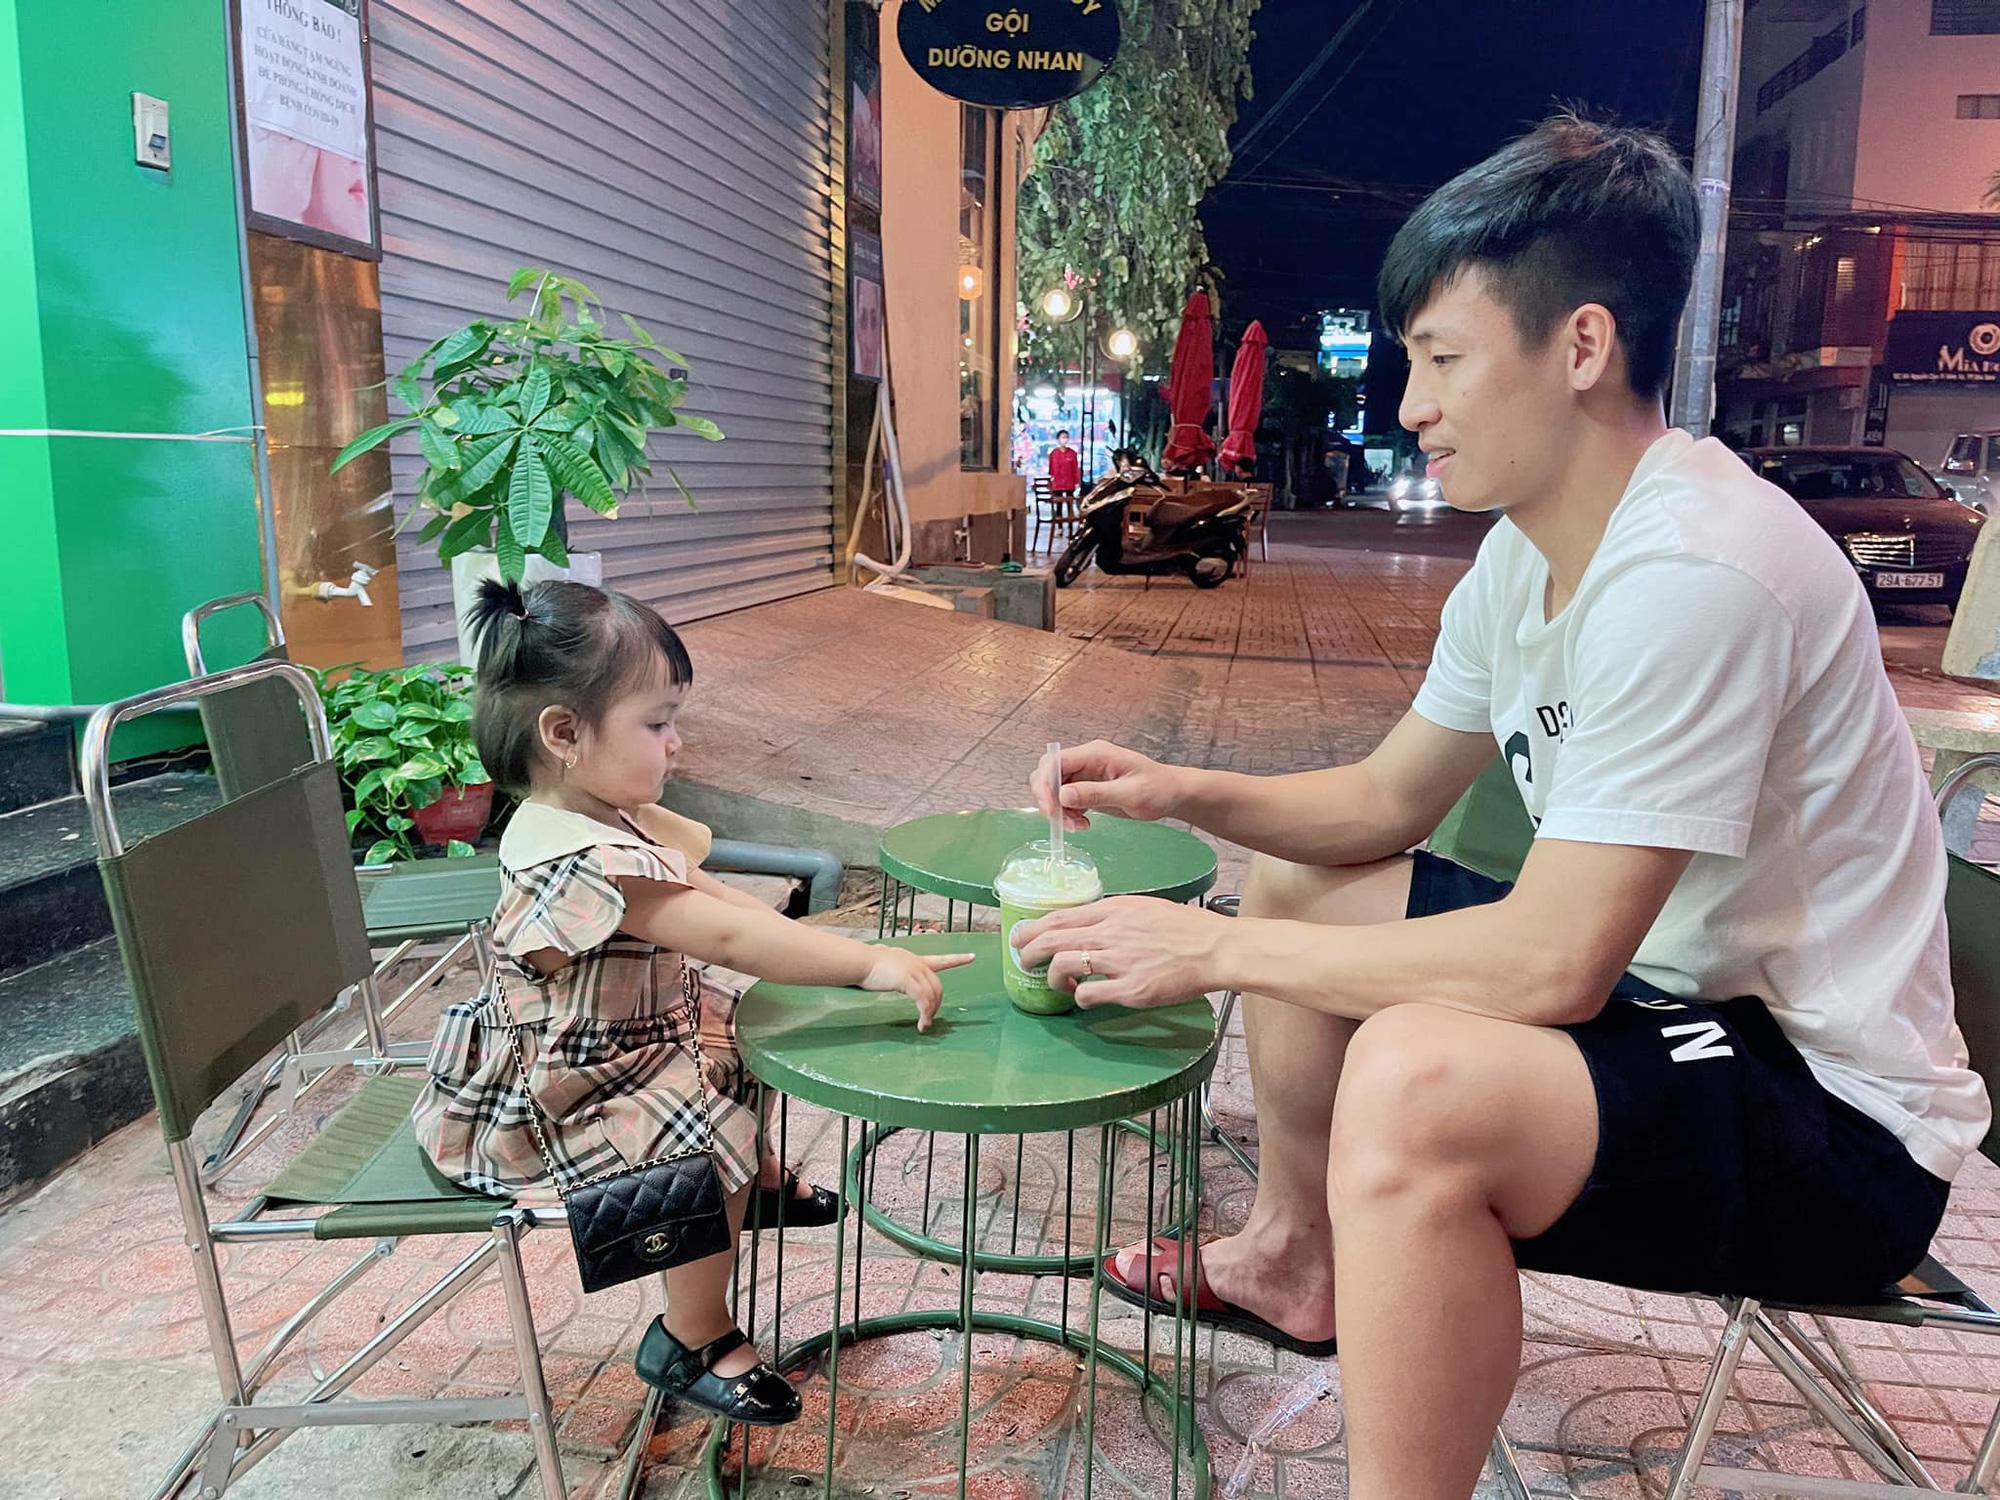 Bùi Tiến Dũng hot rầm rầm trên mạng nhưng bé Sushi con gái anh còn hot hơn: 19 tháng tuổi đã diện đồ hiệu đầy người, xinh xắn đáng yêu lại còn rất quấn bố - Ảnh 4.